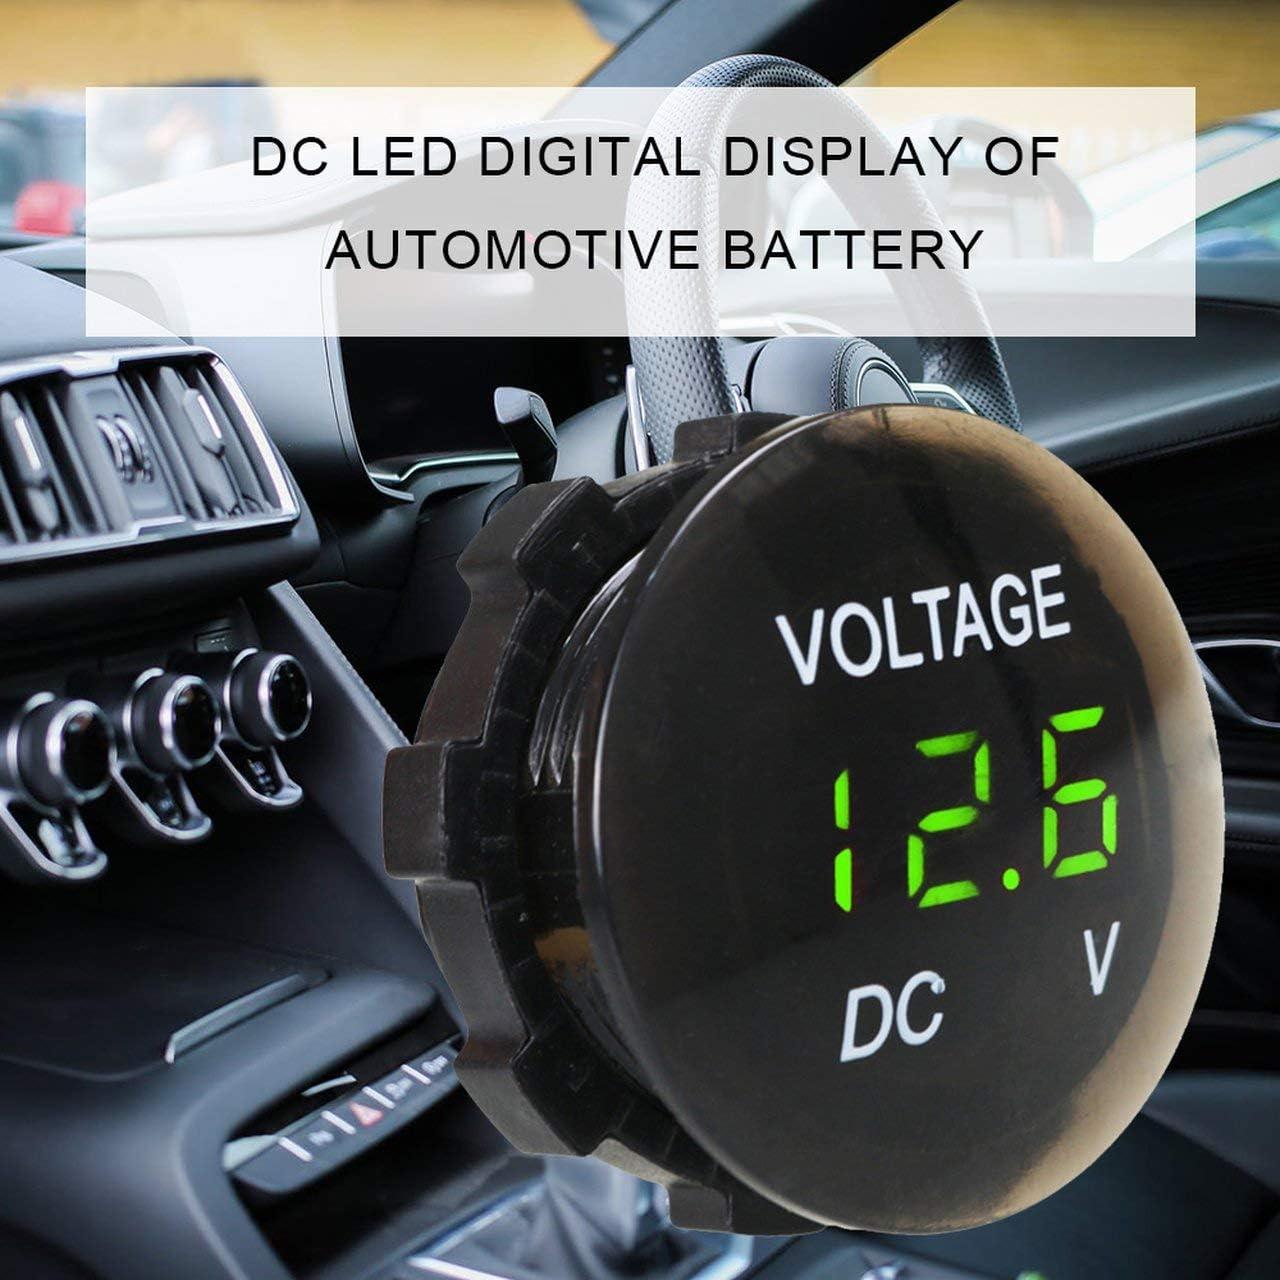 Blu Monitoraggio Facile per farti Conoscere Lo Stato della Batteria Batteria per Auto Voltmetro Dc LED Display Digitale Corto Voltmetro Liscio ITjasnyfall